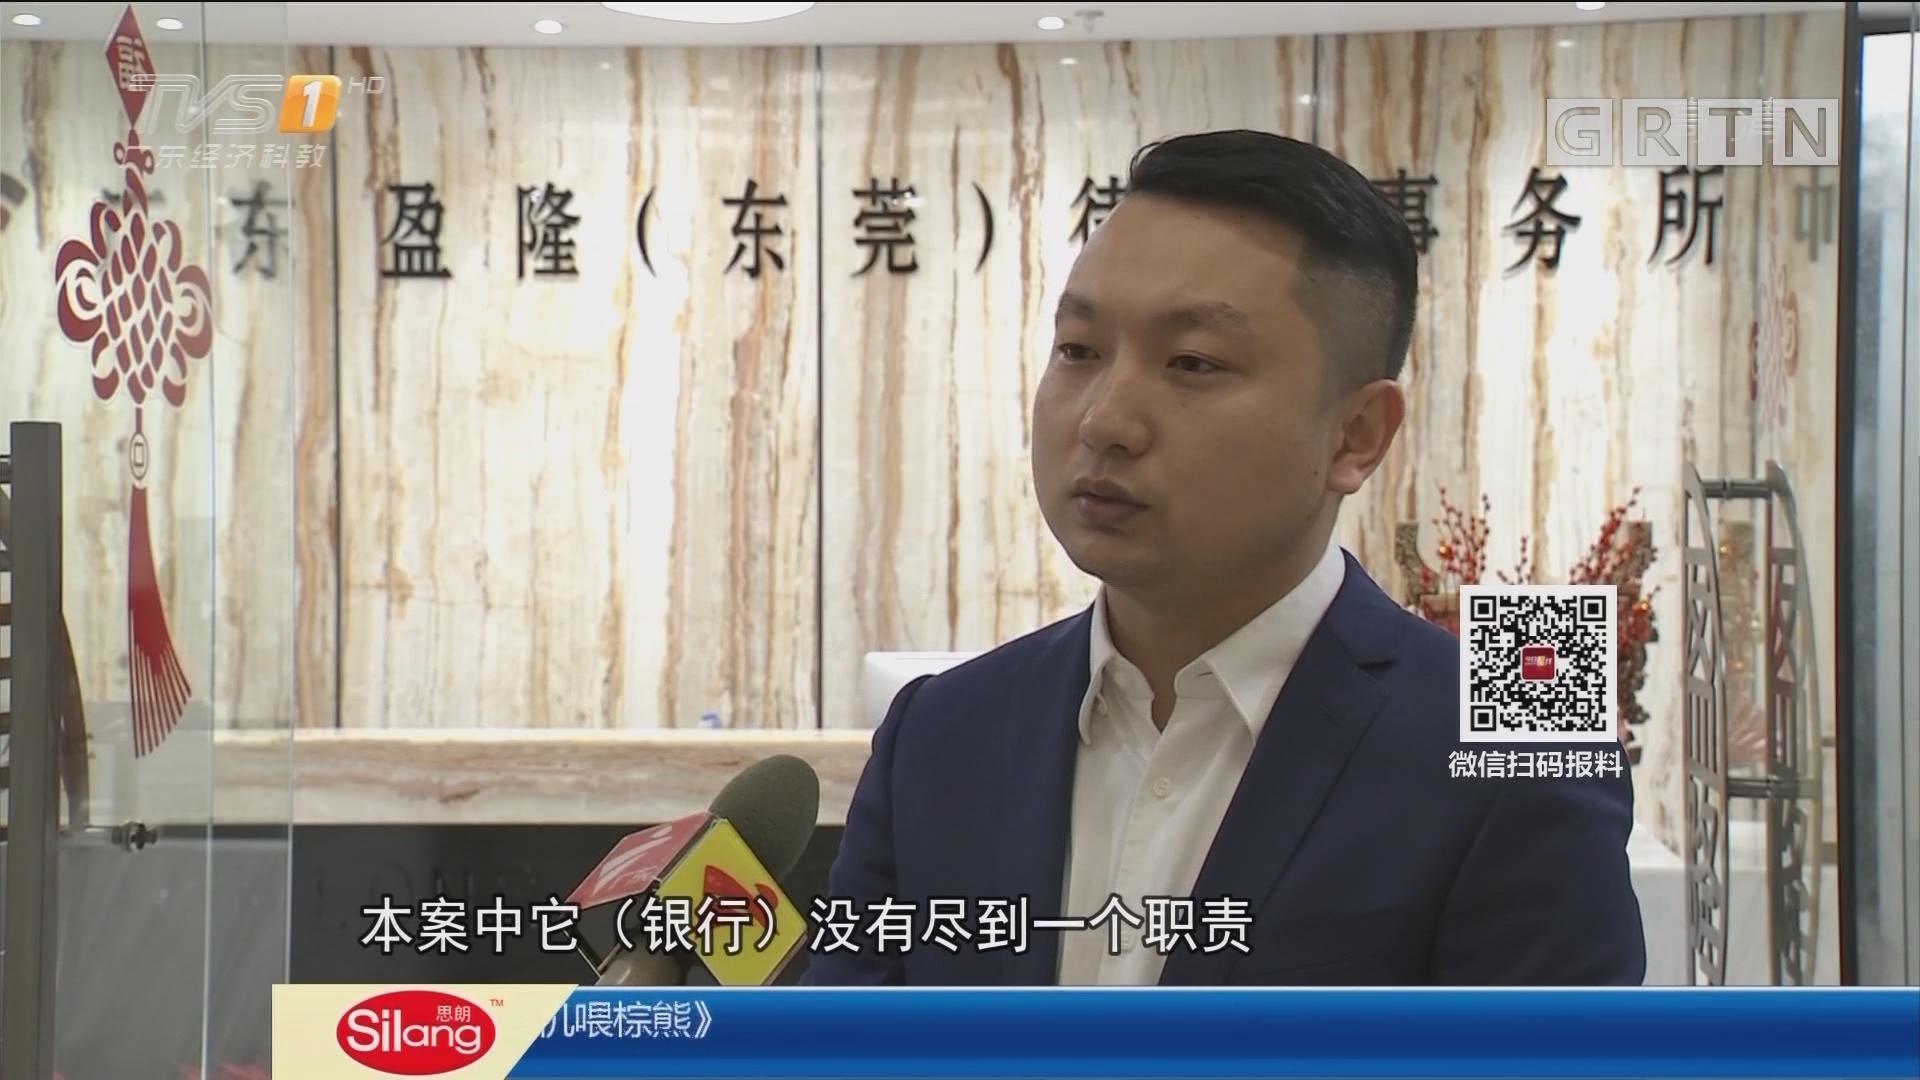 东莞莞城:银行卡就在身边 2万元存款竟被盗刷